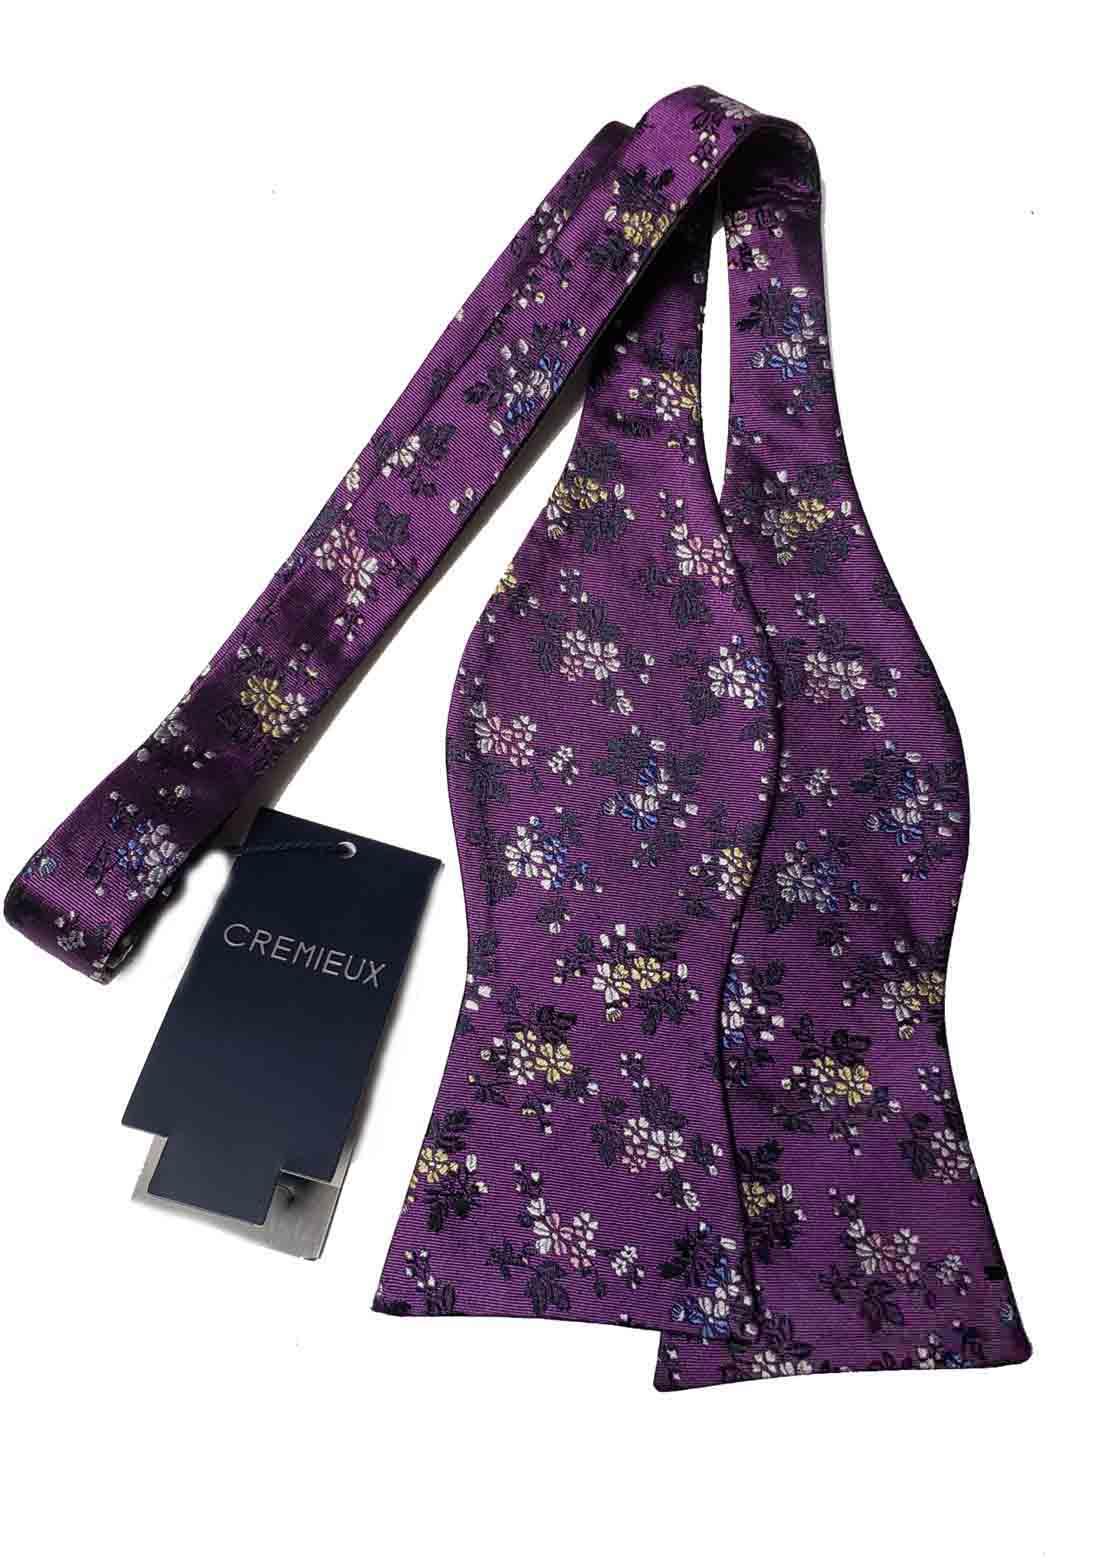 Daniel Cremieux Bow Tie Purple Floral Silk Men's